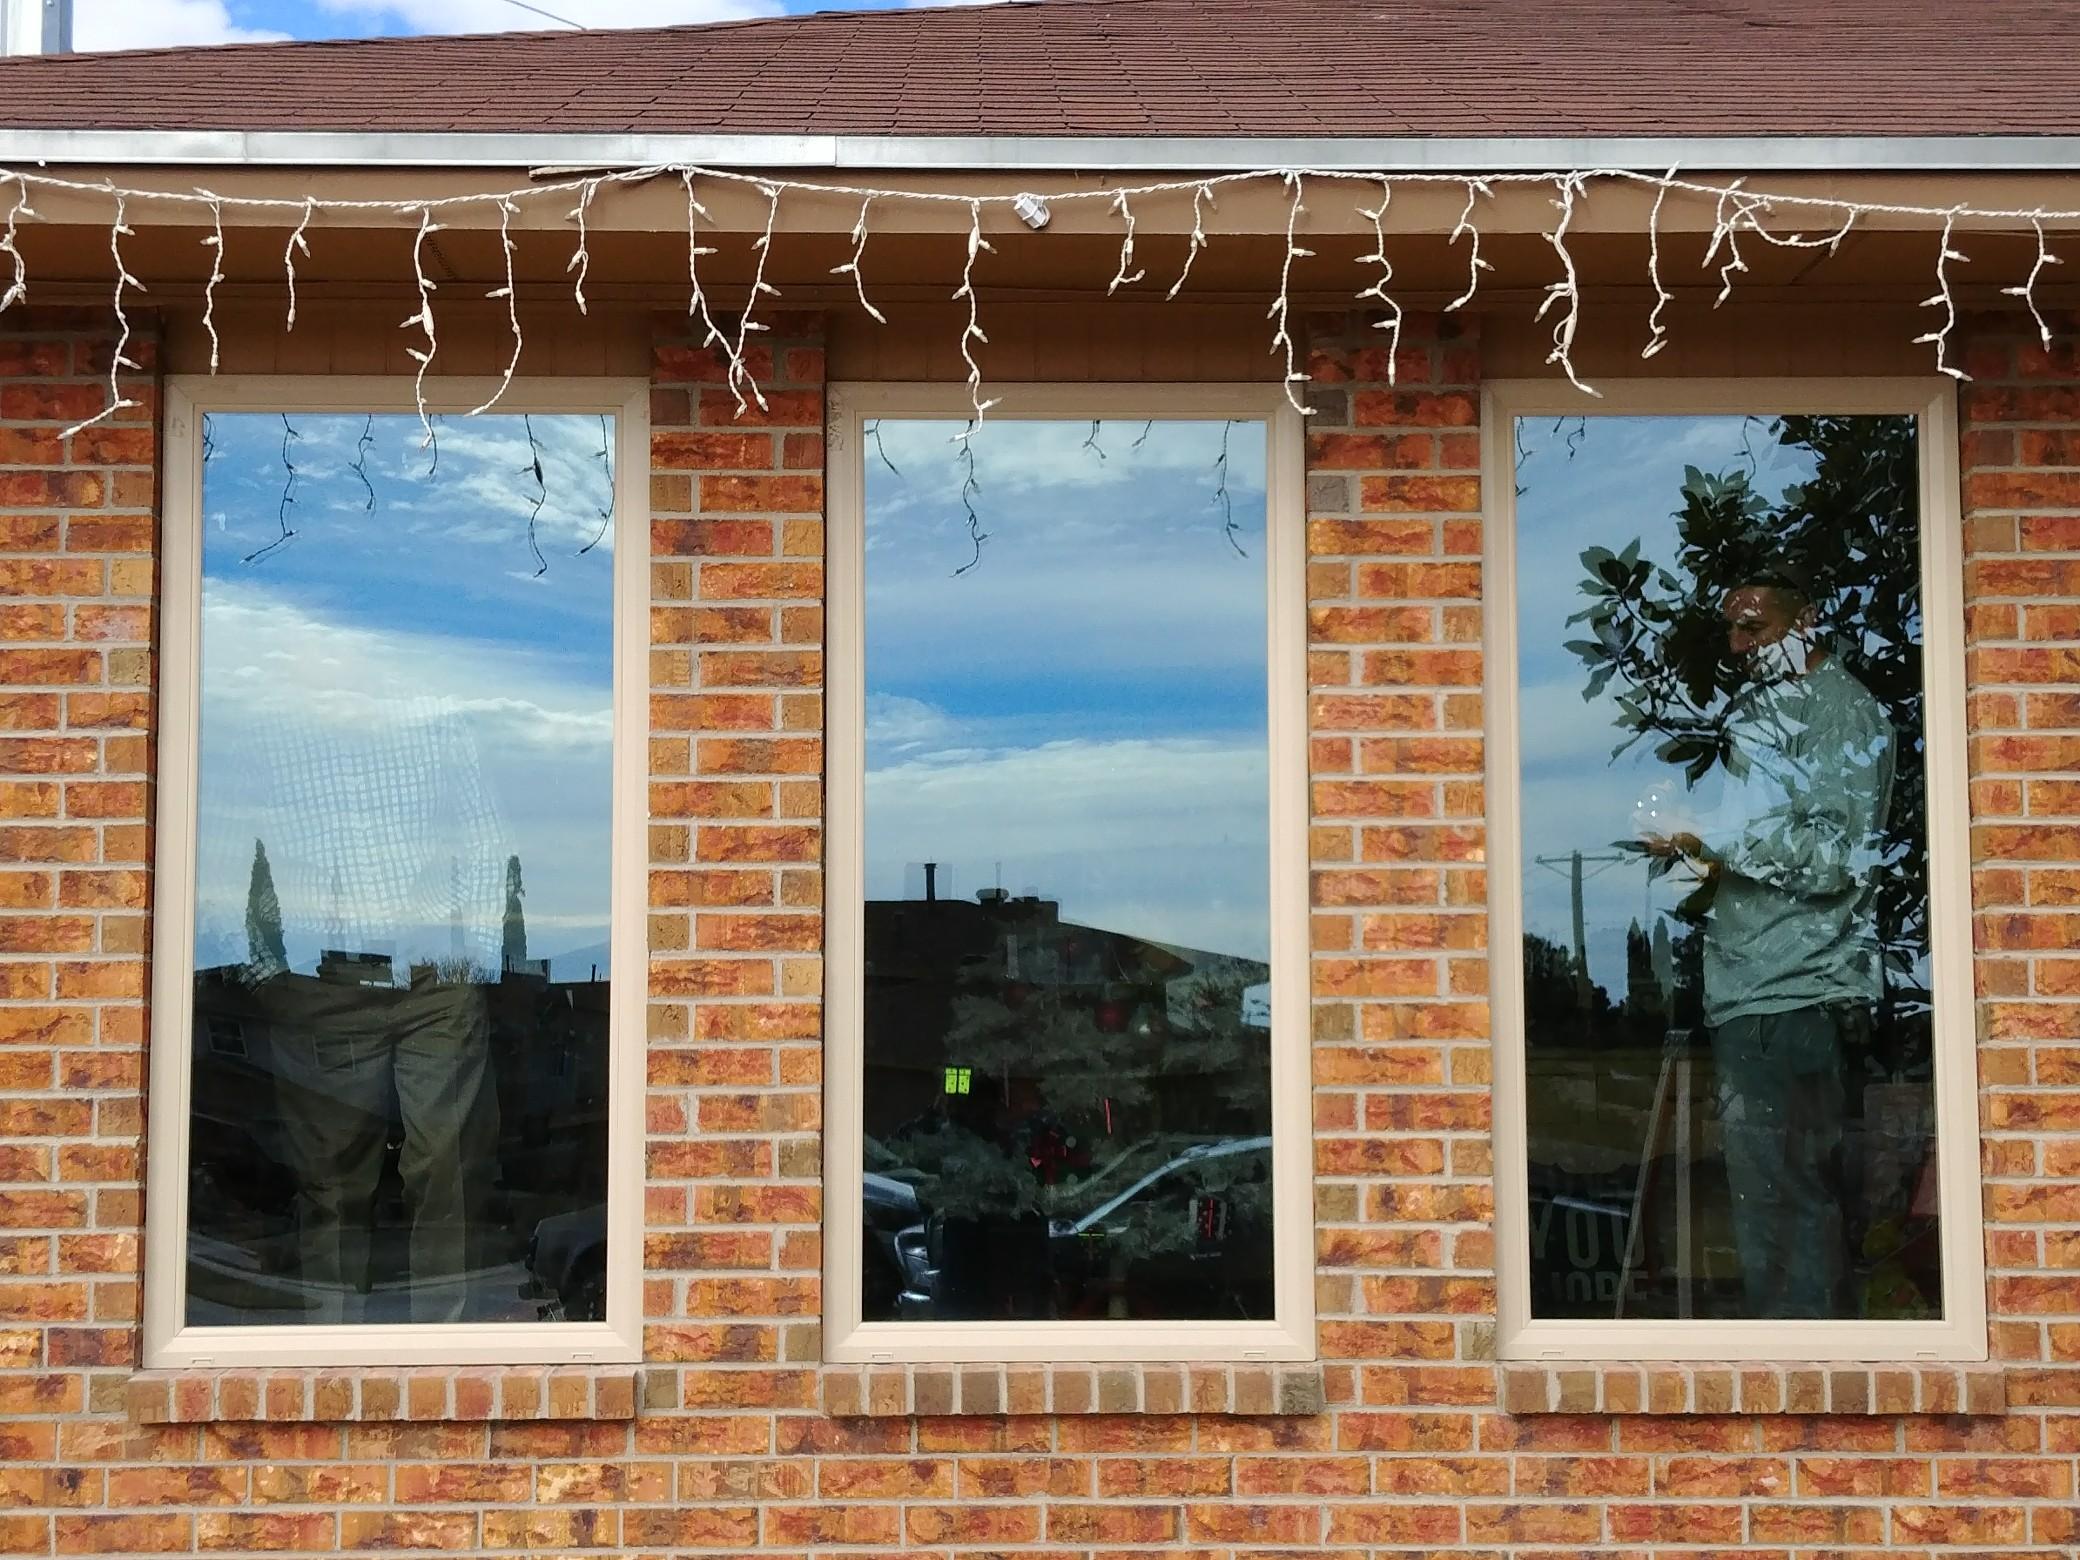 Premier Windows And Doors Elp, El Paso Texas (tx. Garage Door 16 X 7. Overhead Door Sarasota. Swing Doors. Mid Century Door. Interior Sliding French Doors. Birthday Cakes Delivered To Your Door. Garage Door Repair Howell Mi. Small Barn Door Hardware